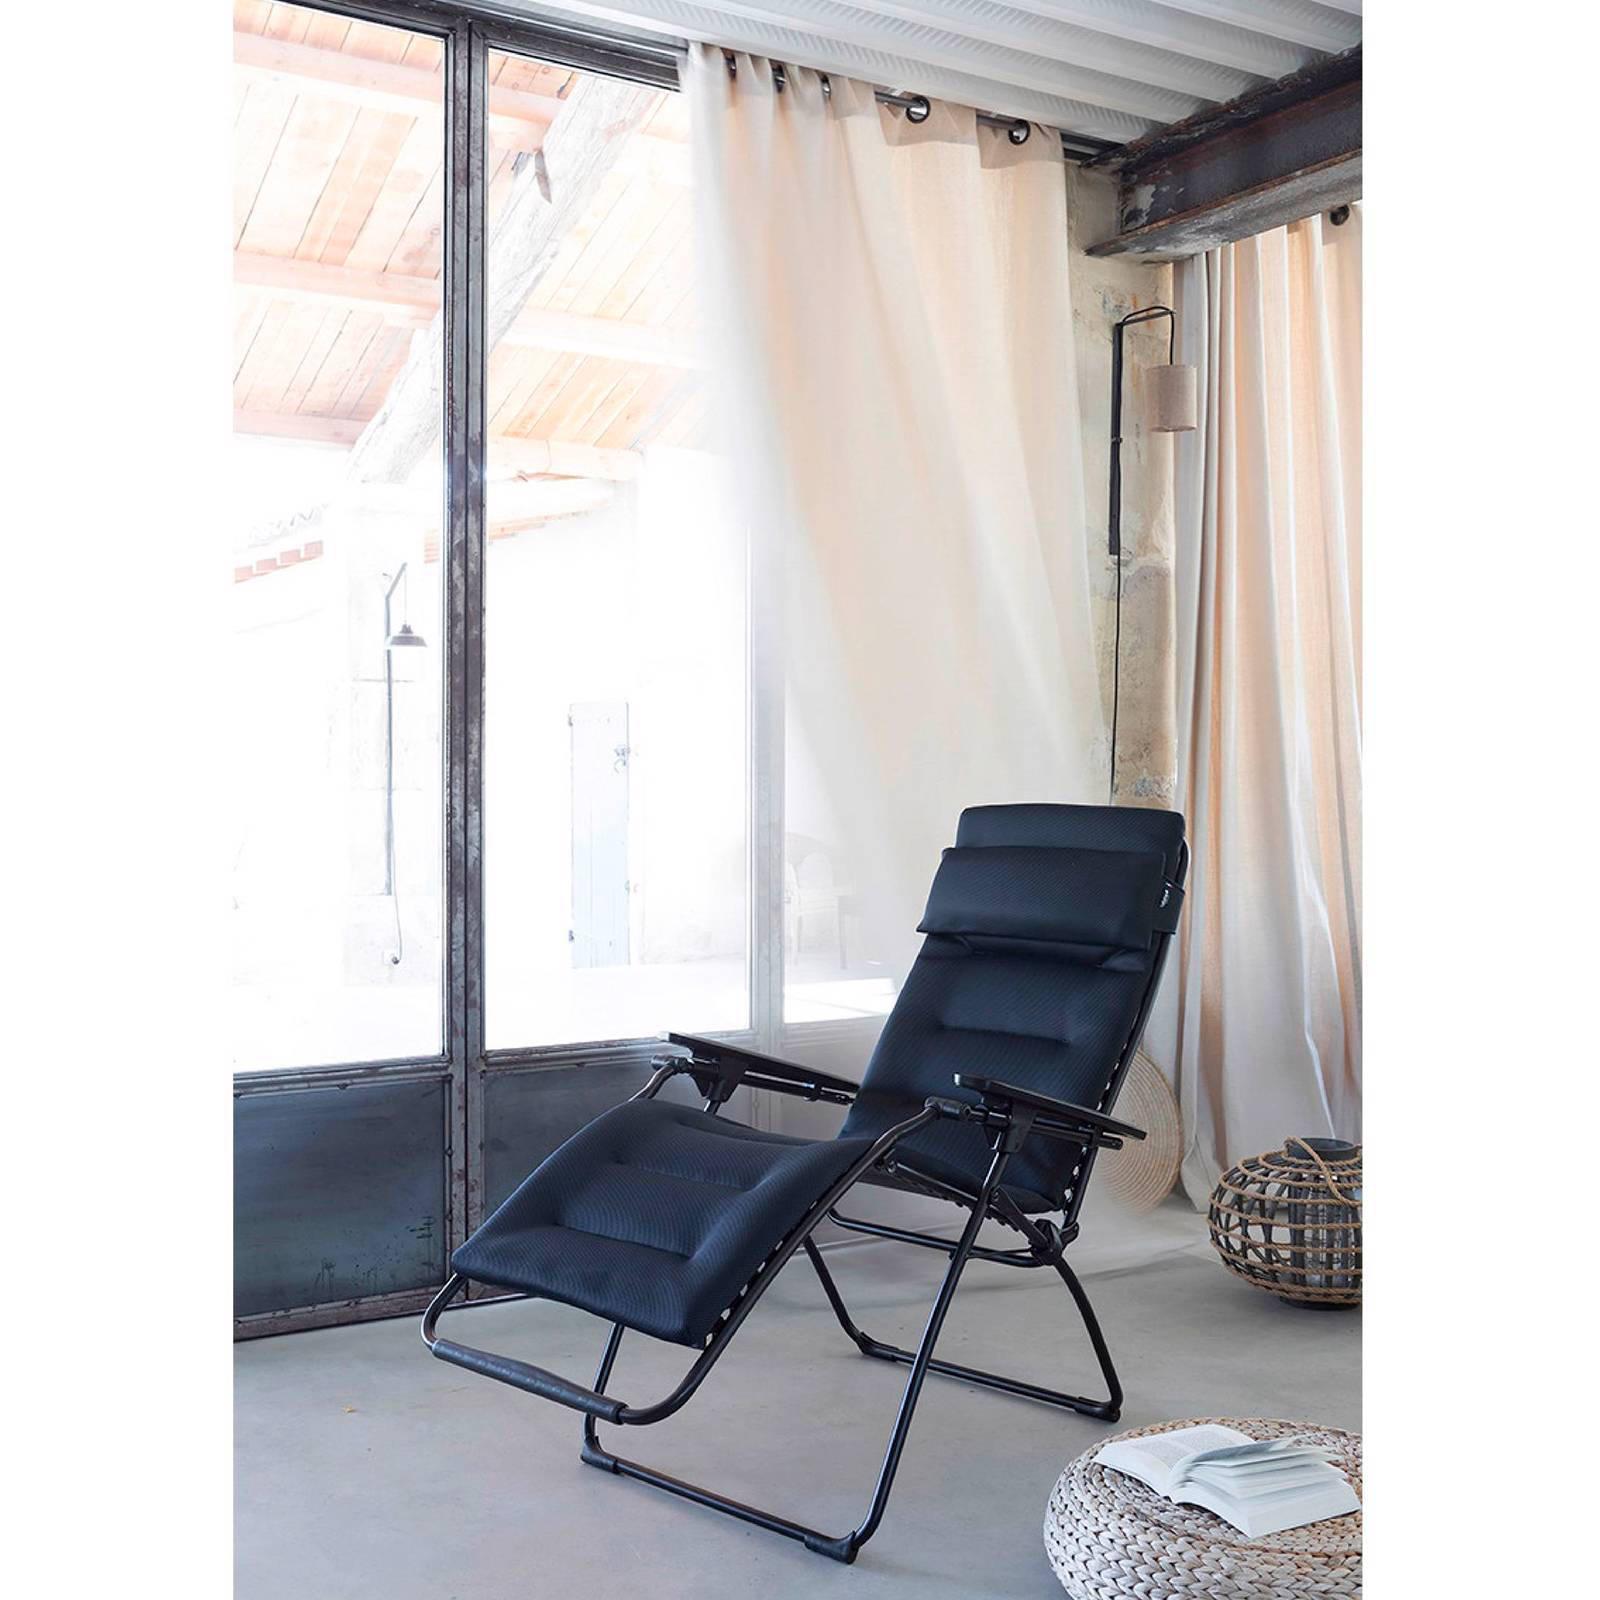 Lafuma Futura Air Comfort Xl Camping Relaxstoel Wehkamp